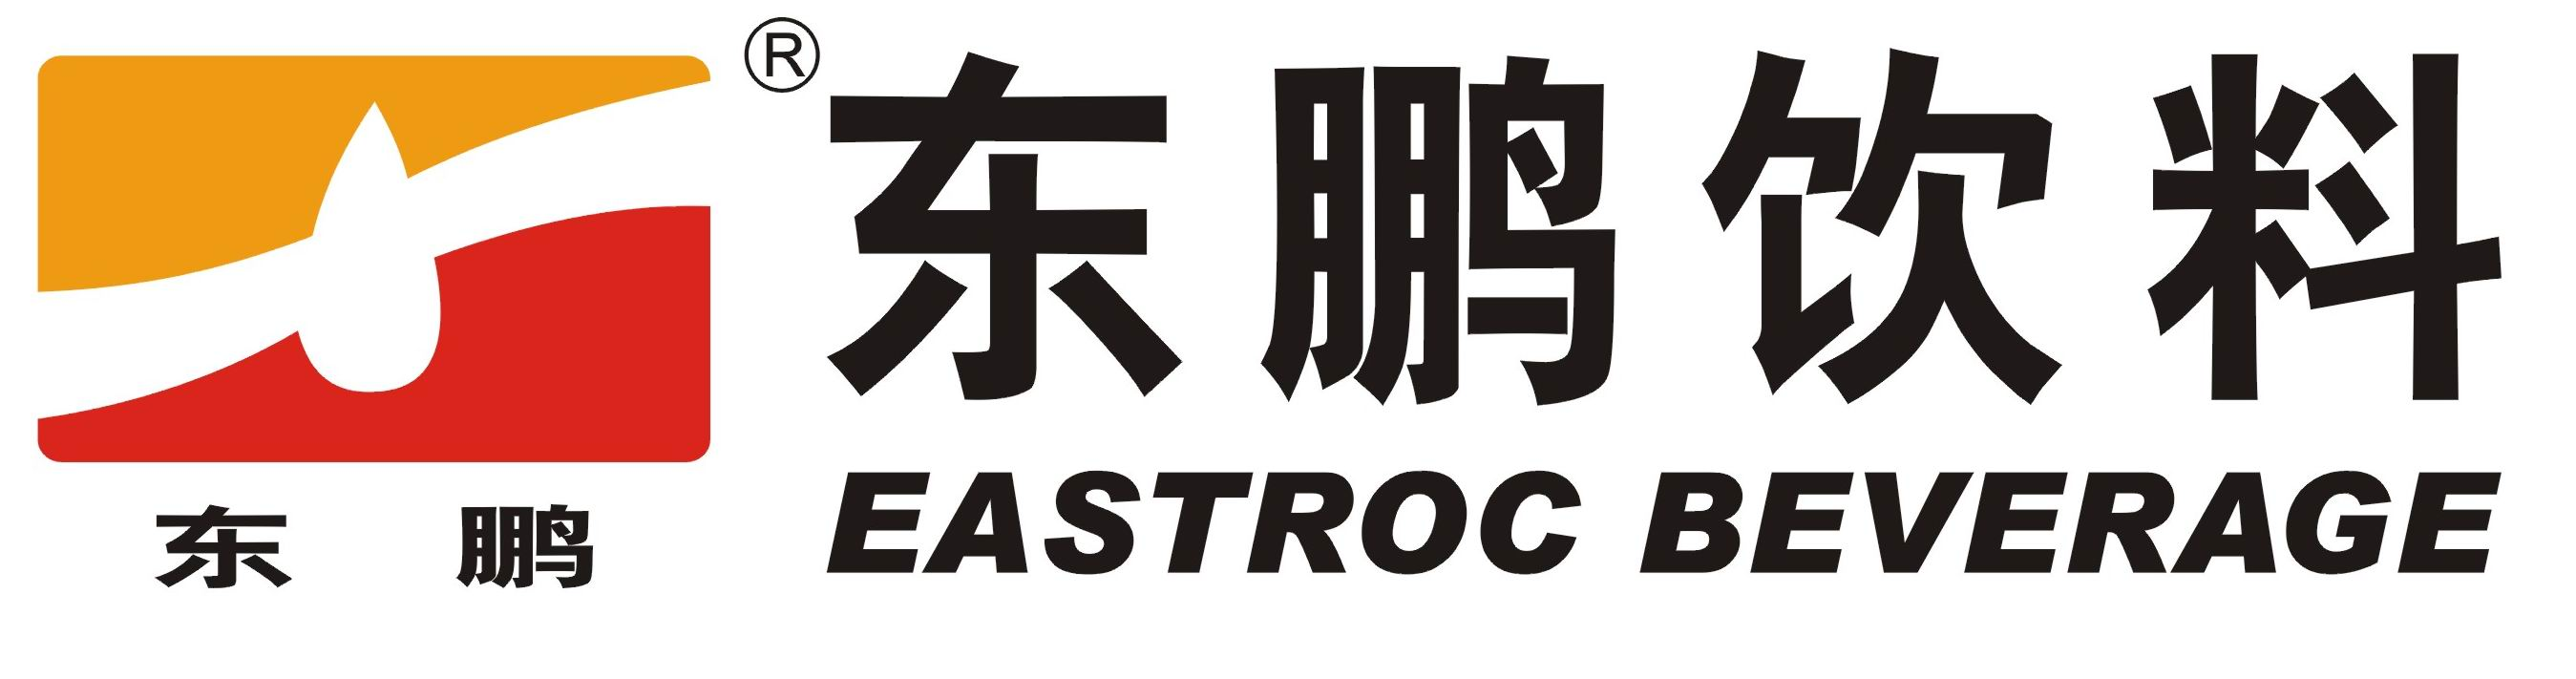 广州市东鹏食品饮料有限公司